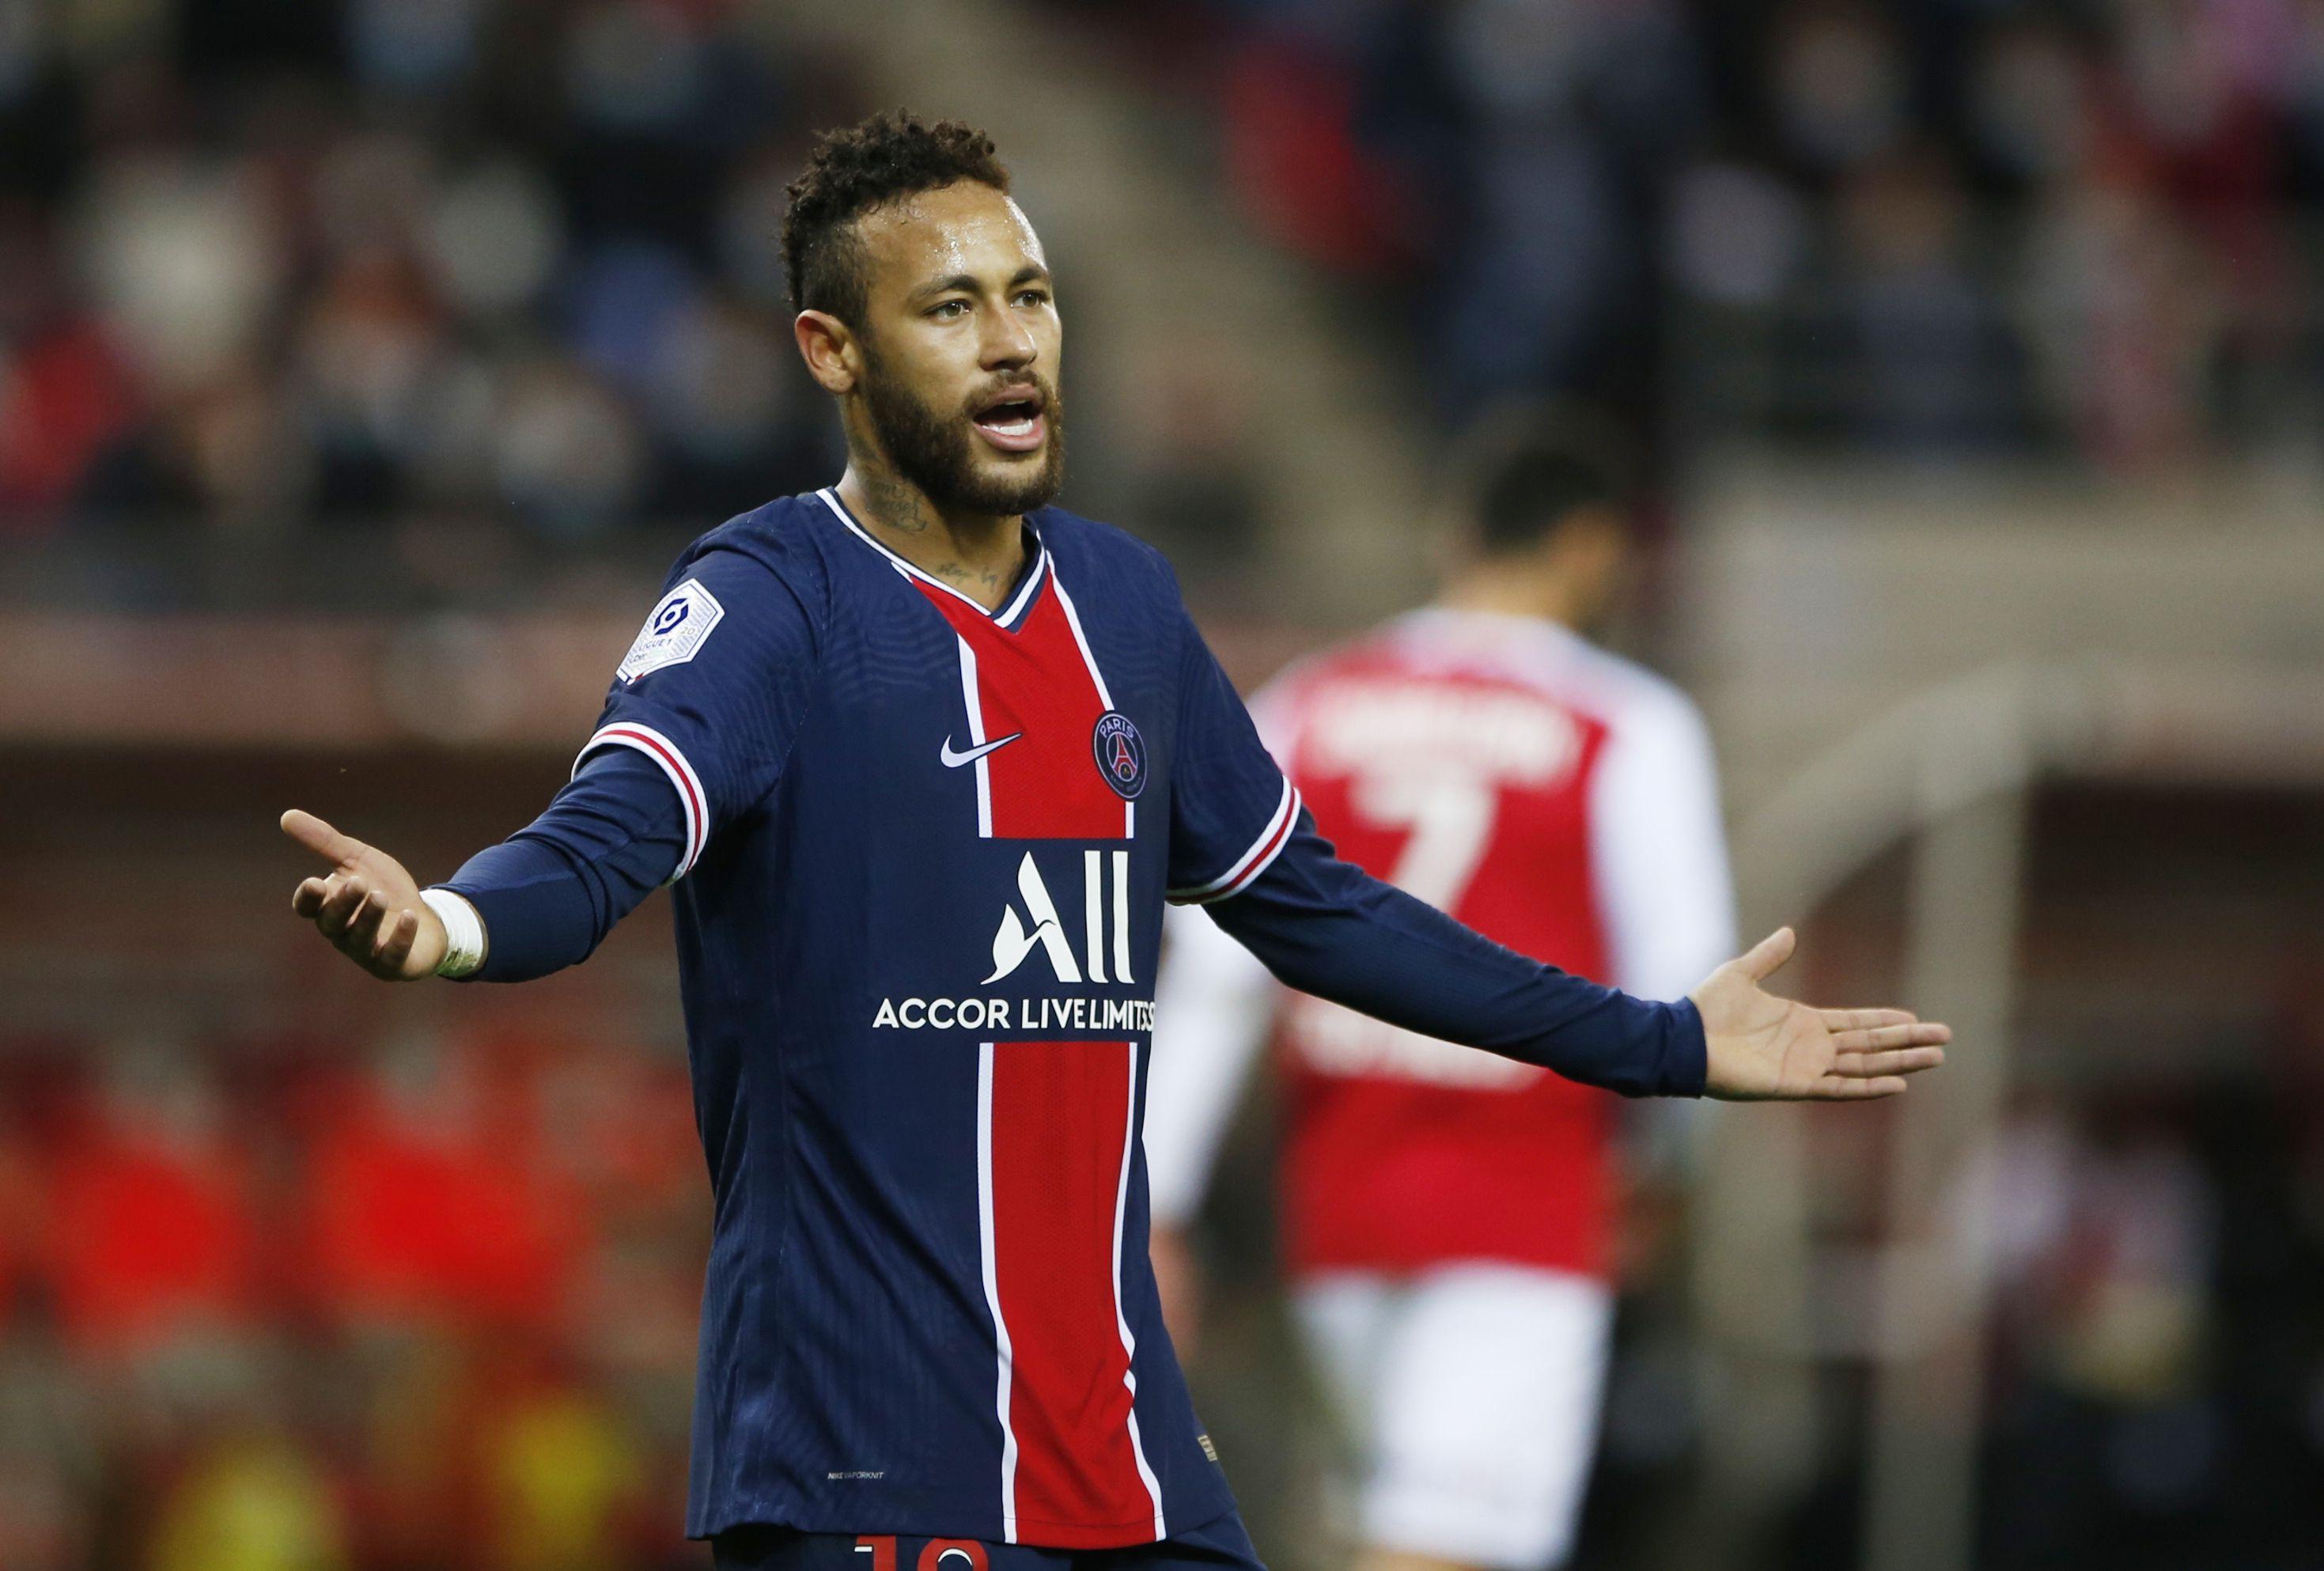 Neymar juega en el Paris Saint-Germain de Francia tras su paso por el Barça(Foto: Pascal Rossignol/ Reuters)